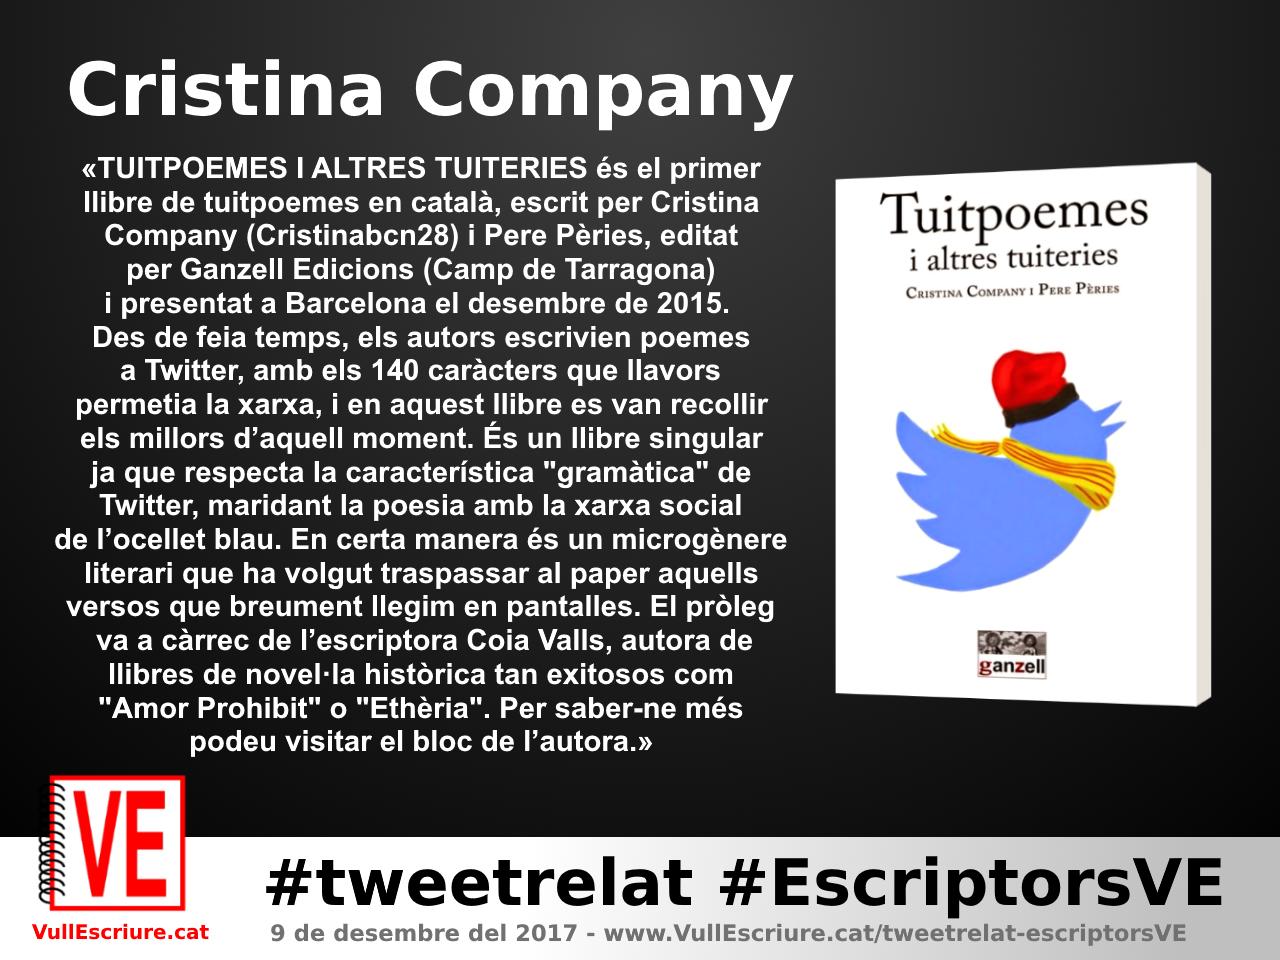 VullEscriure - Marató escriptura #tweetrelat #EscriptorsVE - Cristina Company - Tuitpoemes i altres tuiteries